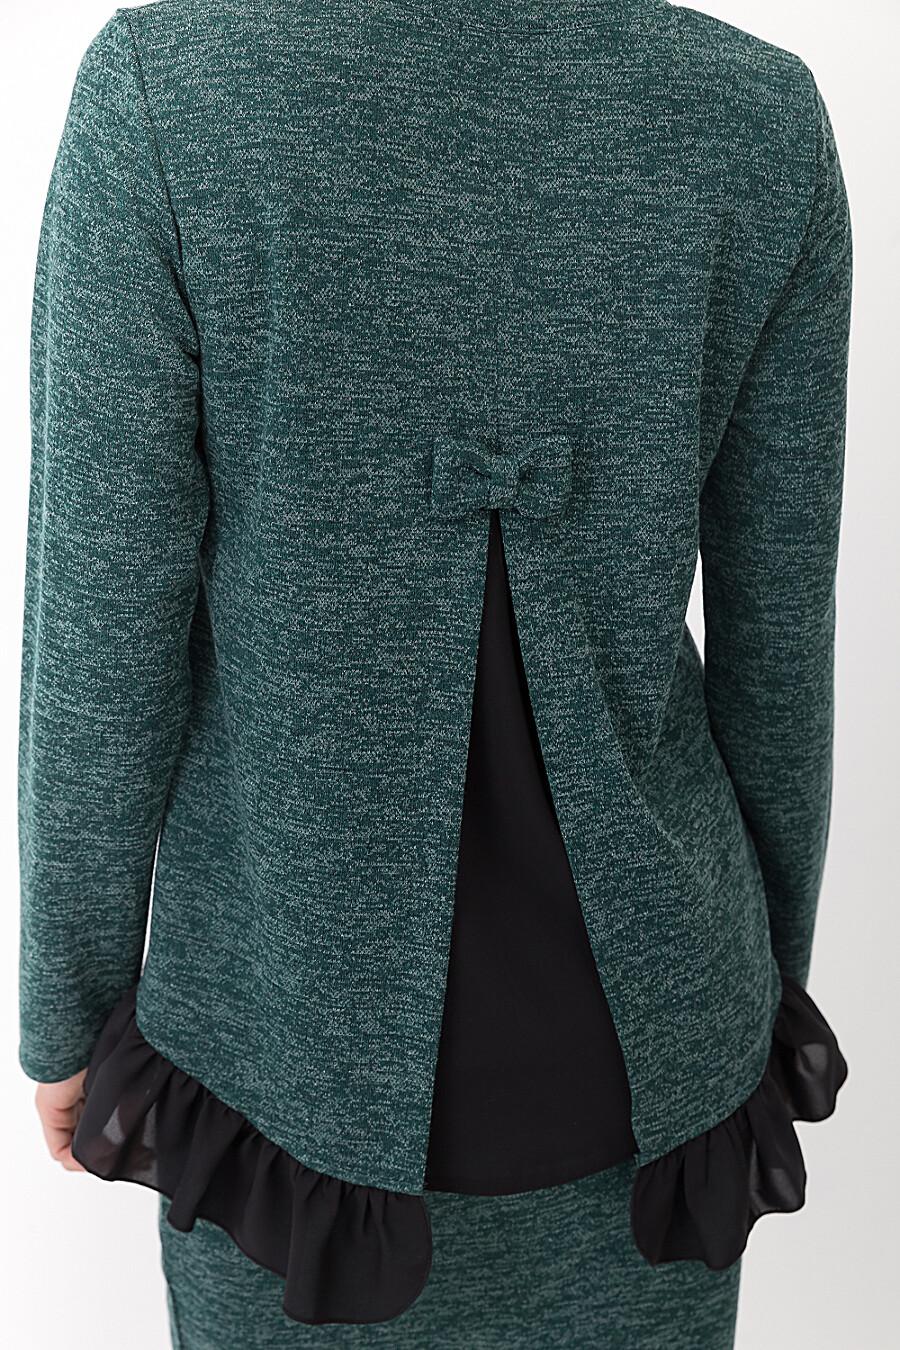 Костюм (Юбка+Блуза) для женщин LADY TAIGA 176044 купить оптом от производителя. Совместная покупка женской одежды в OptMoyo